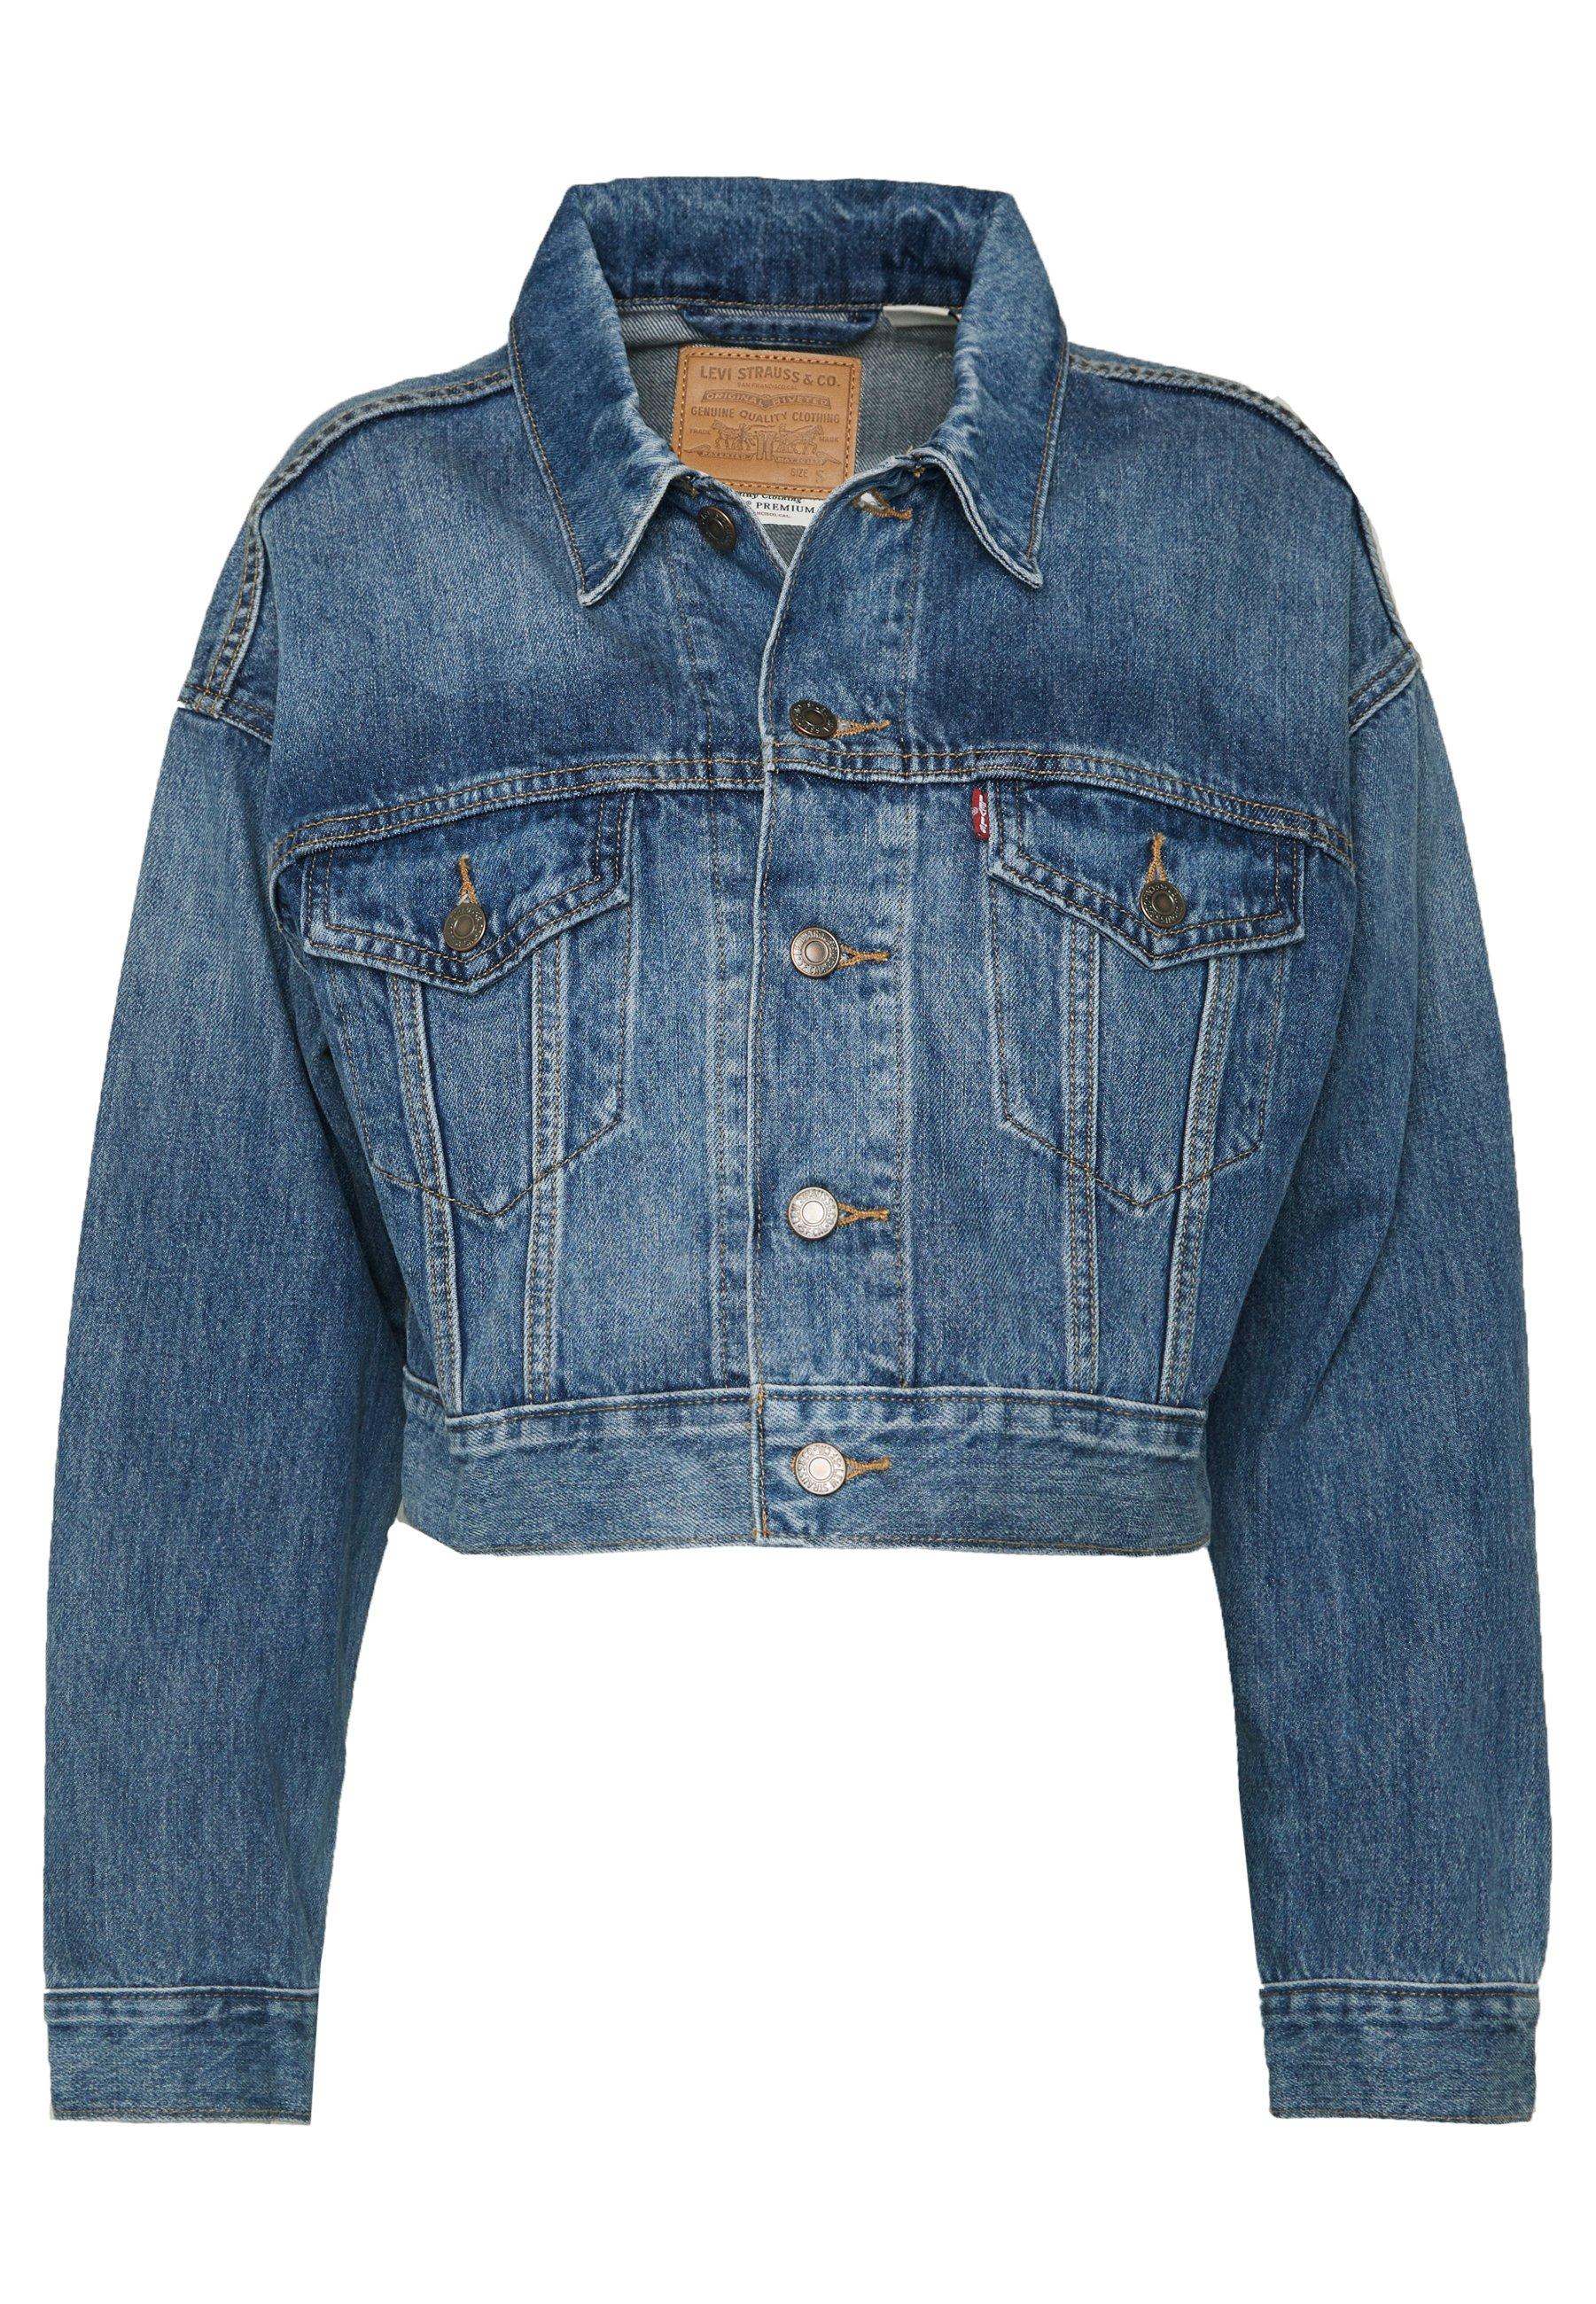 Veste en jean Levi's Denim Denim : 100% Coton Lavage en